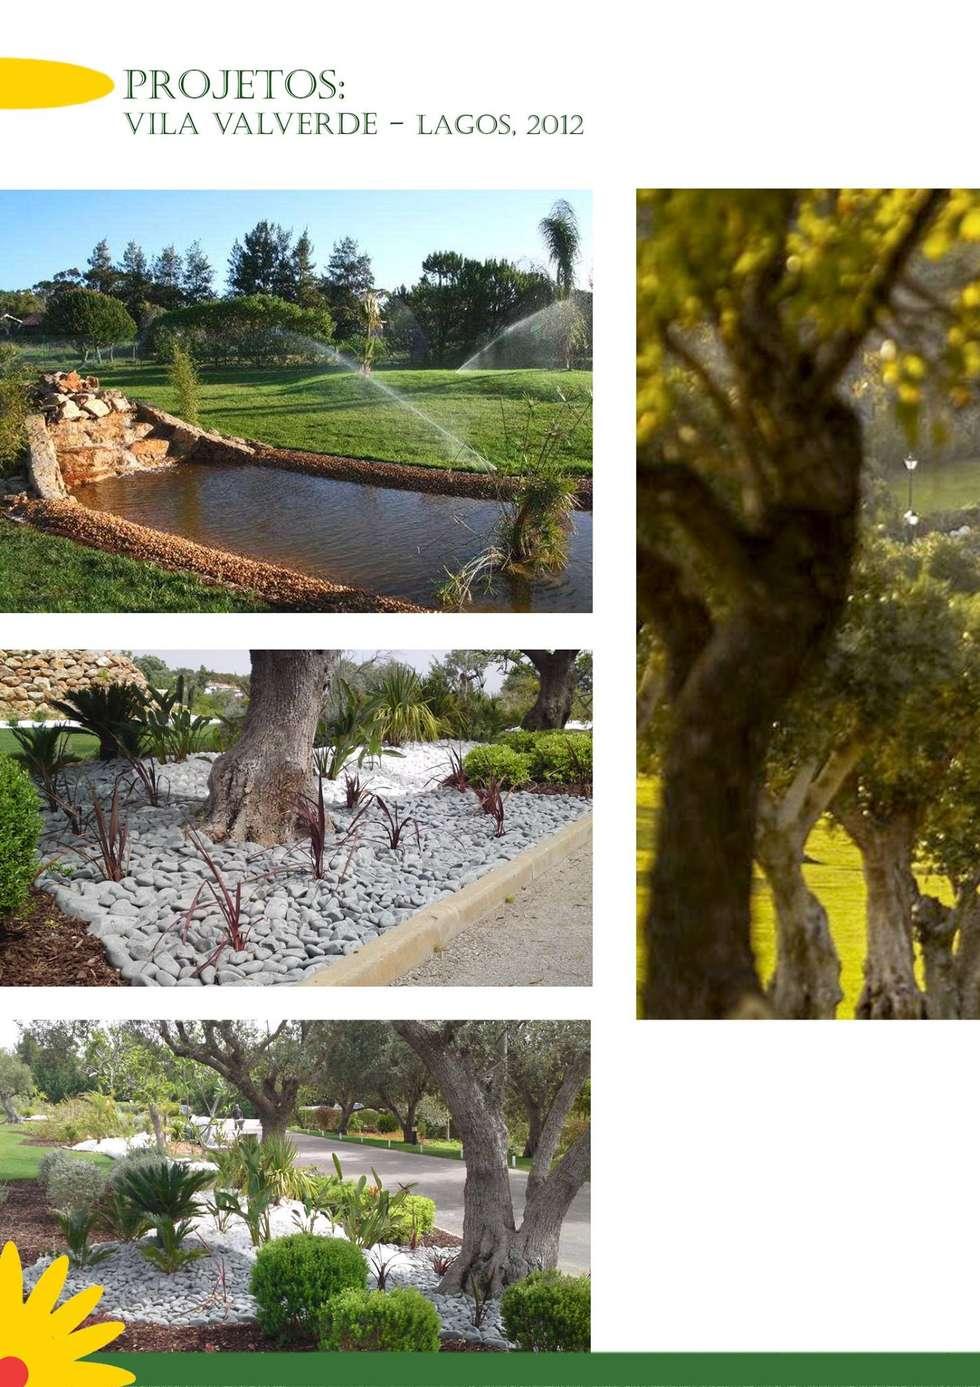 VILA VALVERDE: Hotéis  por ECOSSISTEMAS; Áreas Verdes e Sistemas de Rega.